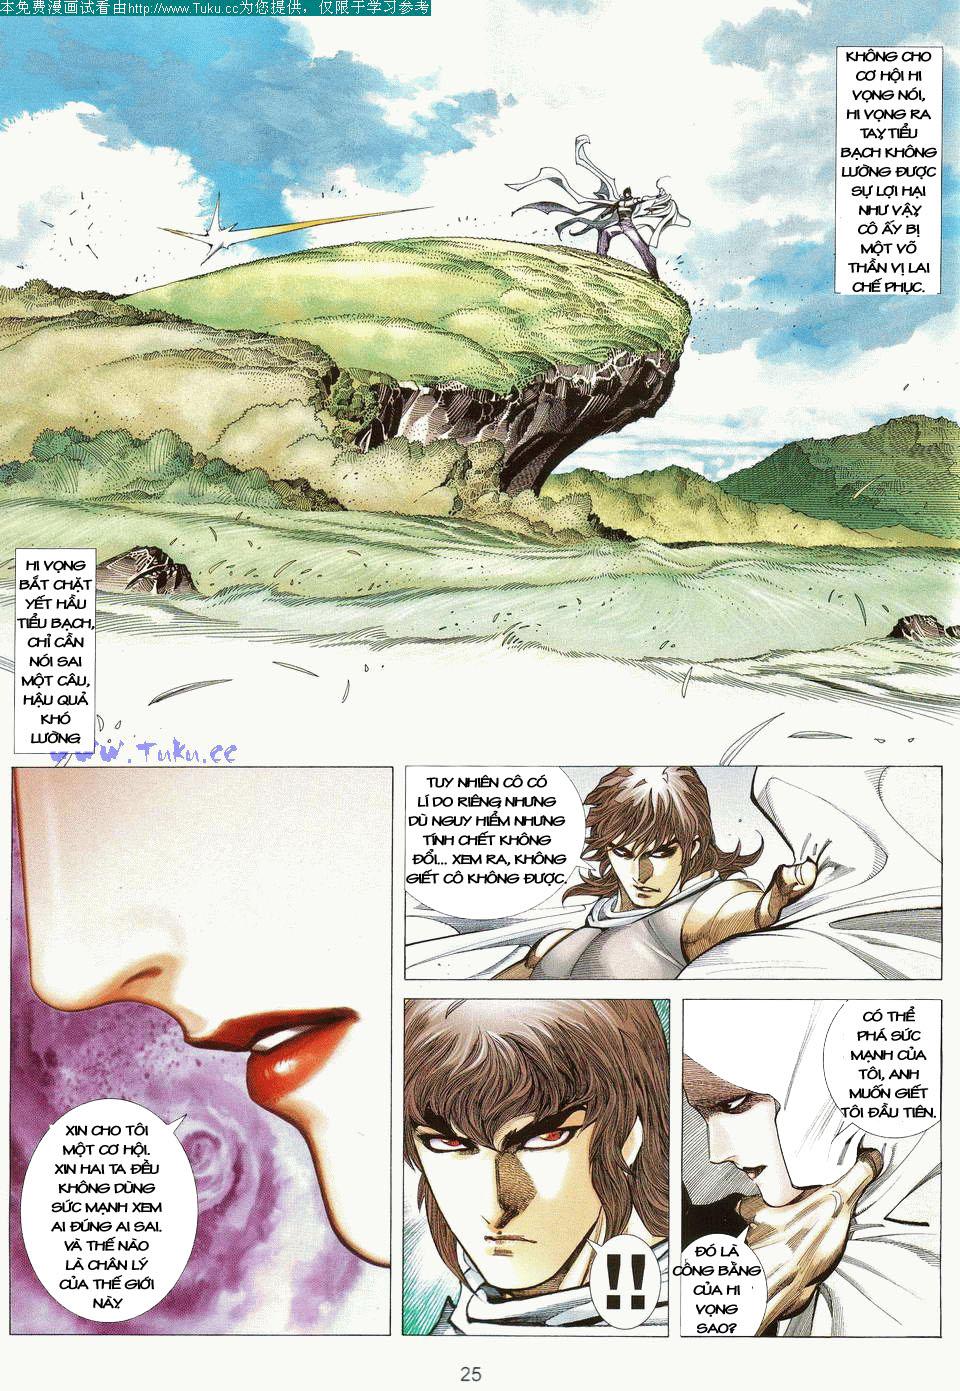 Võ Thần Ngoại Truyện chap 13 - Trang 23